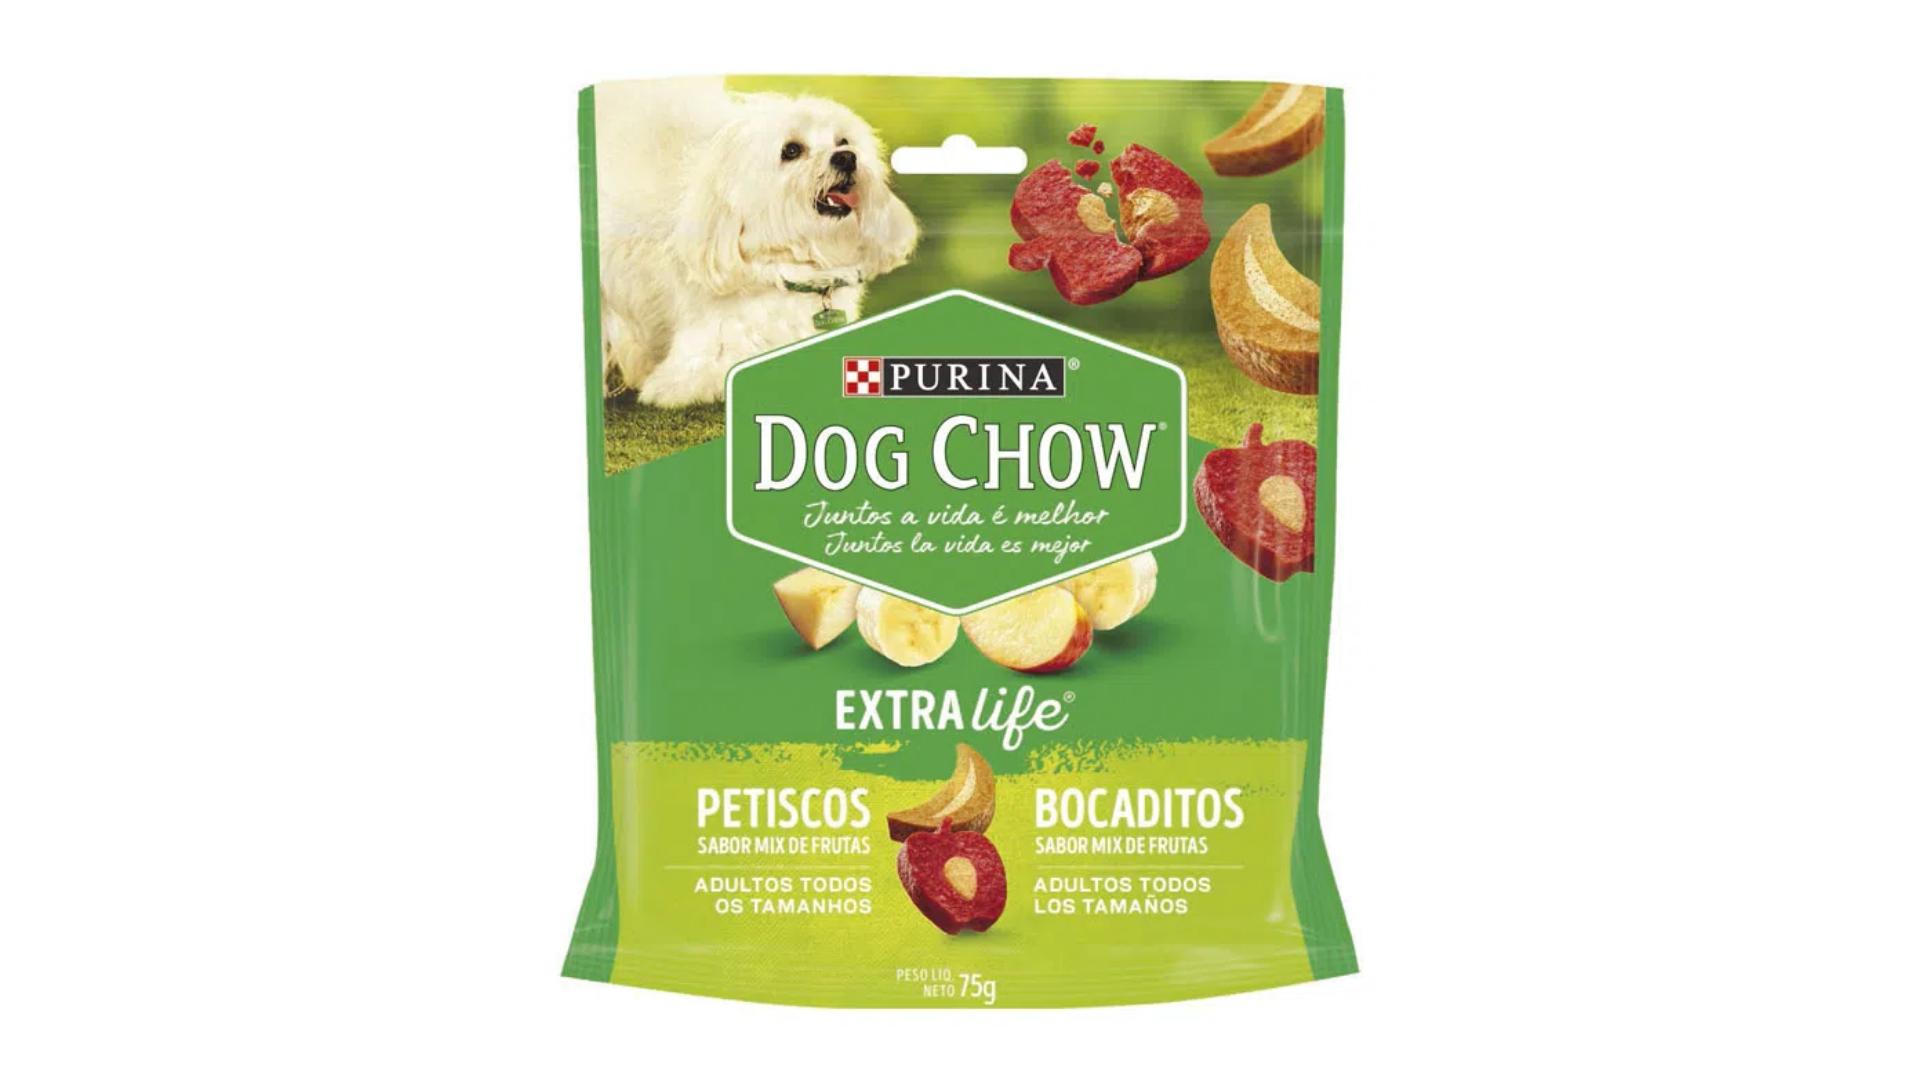 O petisco Dog Chow Extra Life é mais natural e saudável, pois contém maçã e banana na composição (Imagem: Divulgação/Purina)